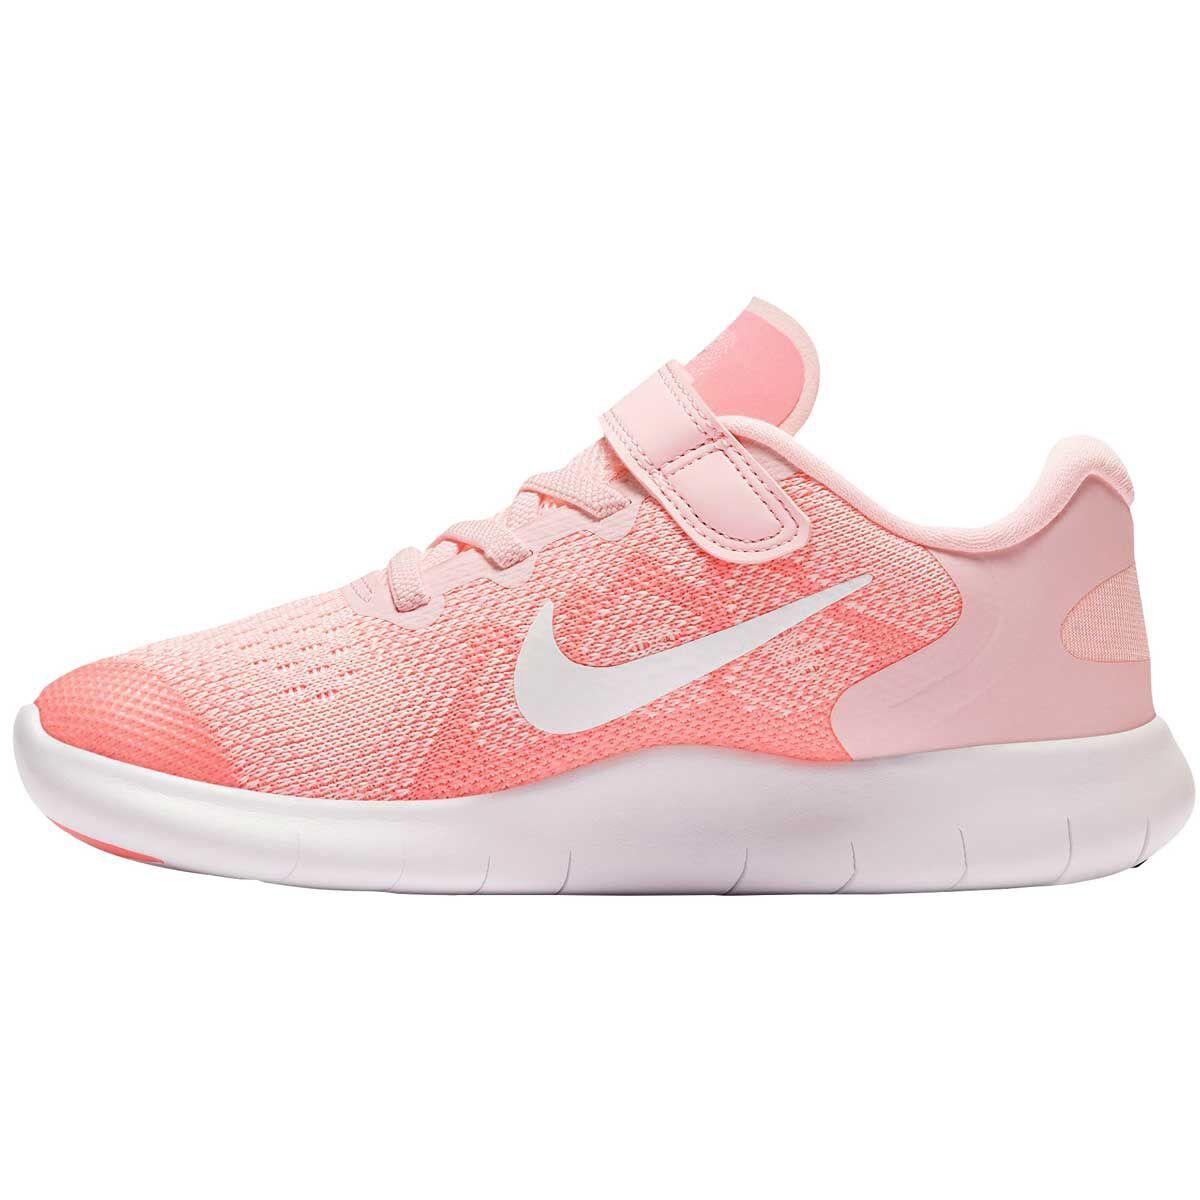 Us Nike Run Pink Free Girls 2017 Running White 2 Shoe Junior UMLpSVGjqz